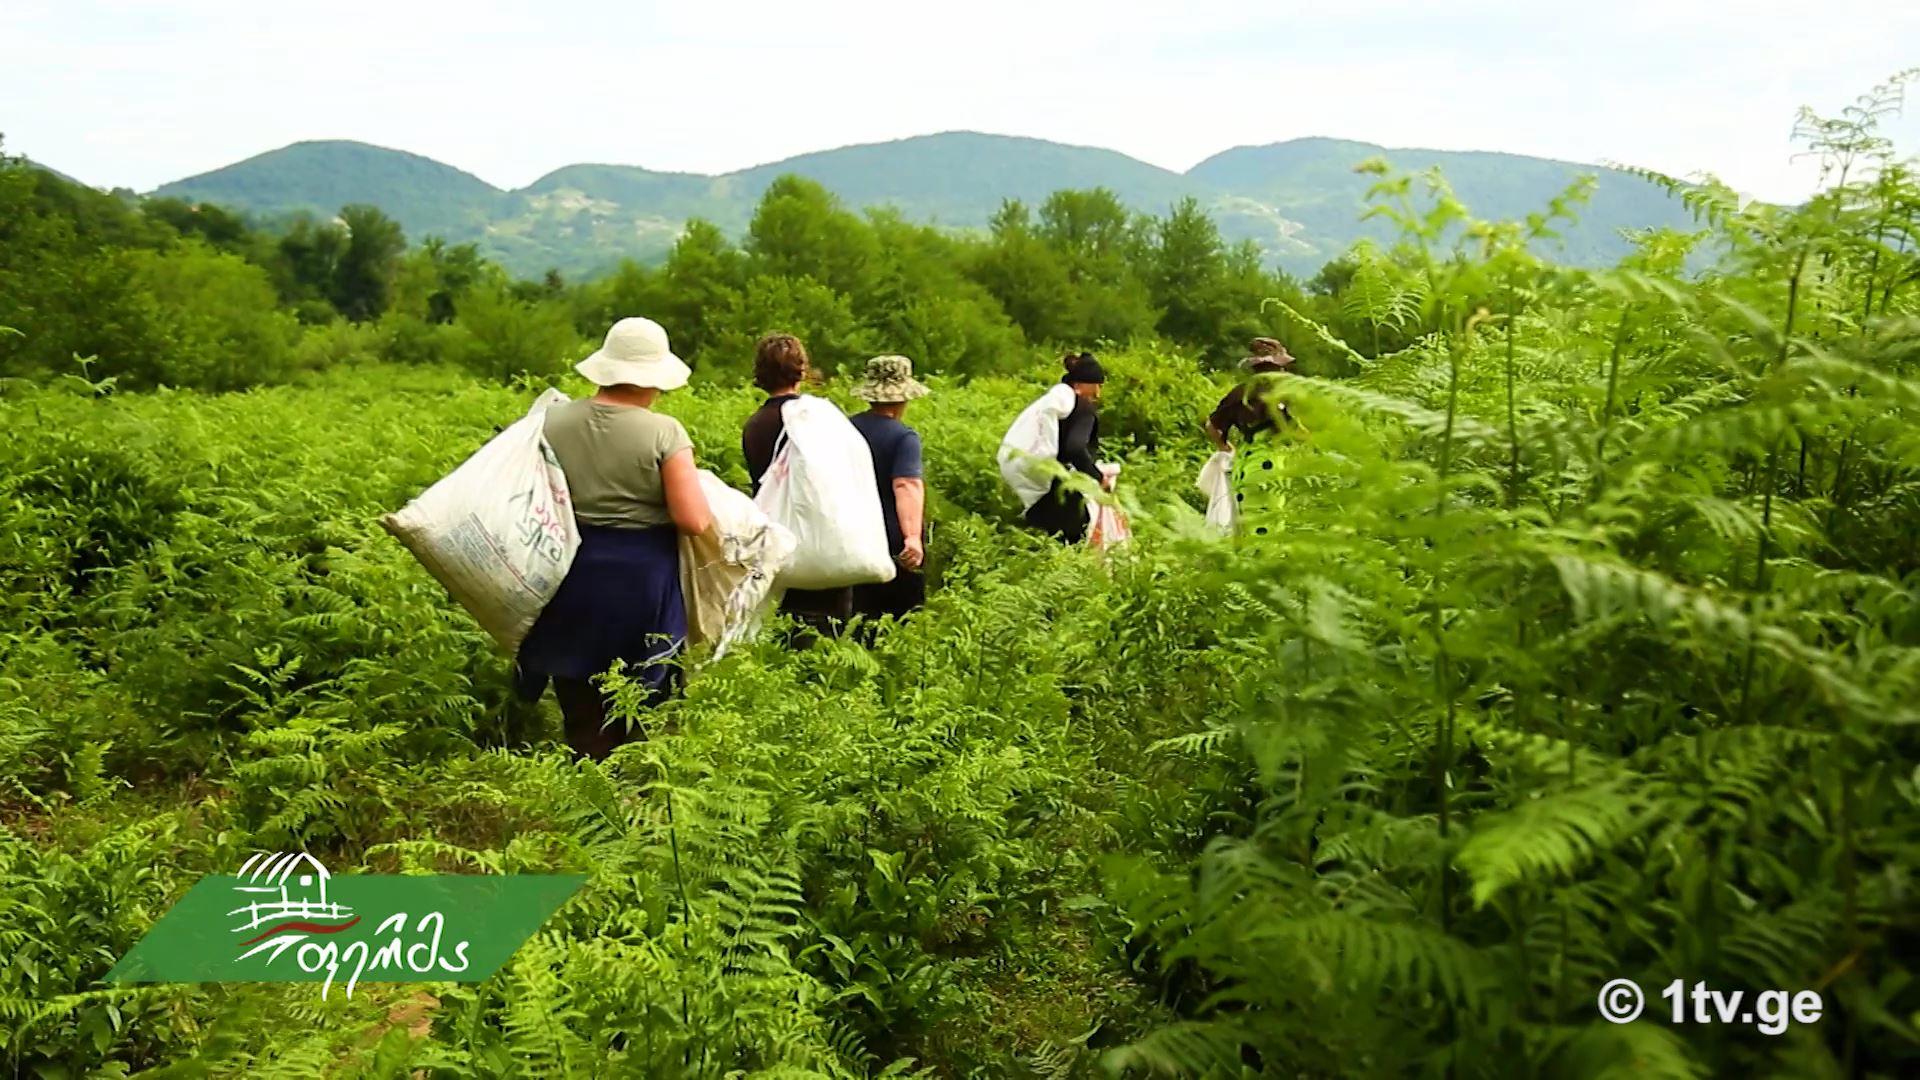 ჩვენი ფერმა - ჩაის პლანტაციების რეაბილიტაცია